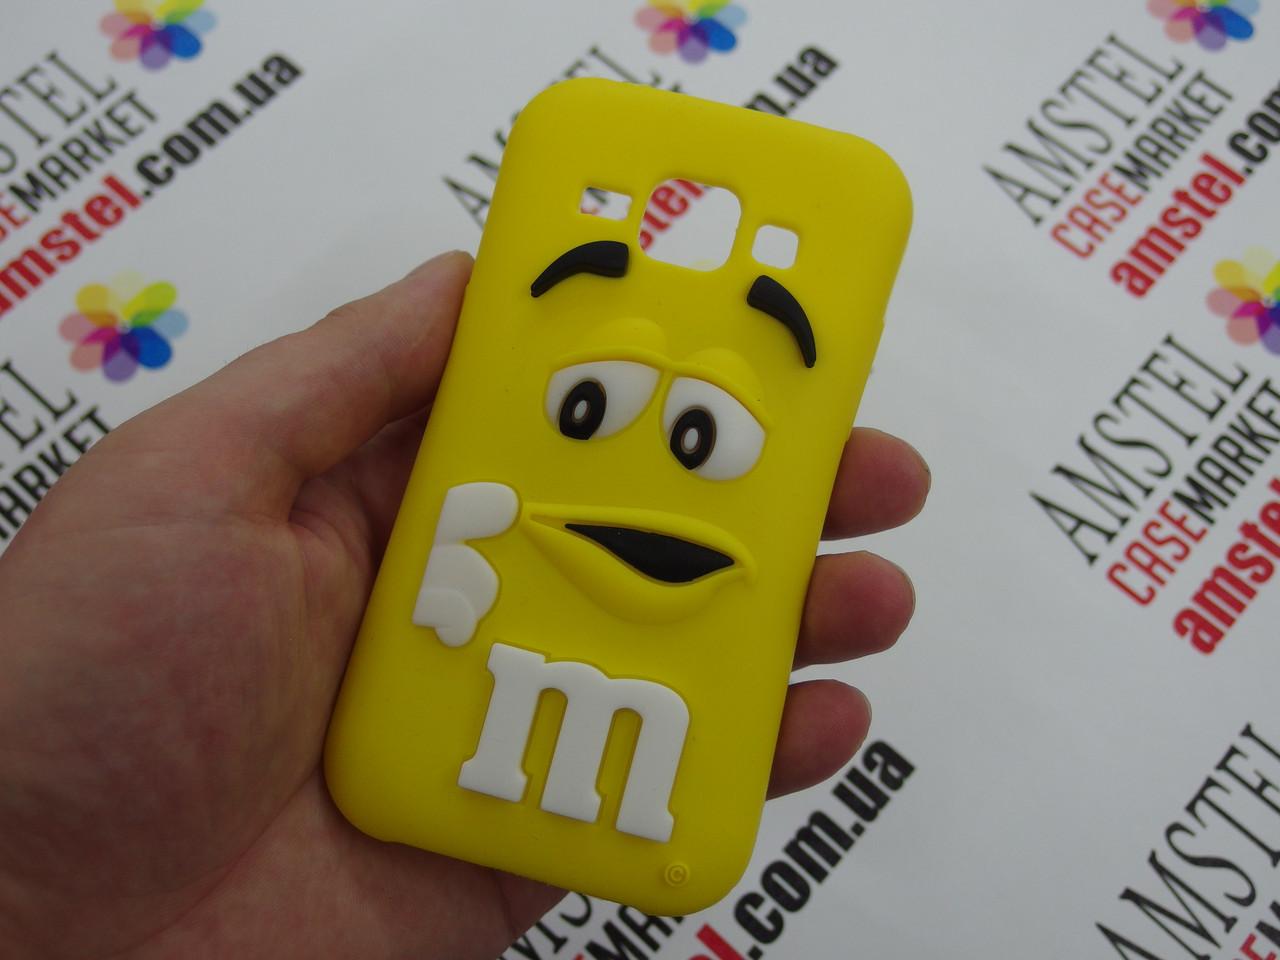 Объемный 3D силиконовый чехол для Samsung Galaxy J1 J100 желтый m&m's